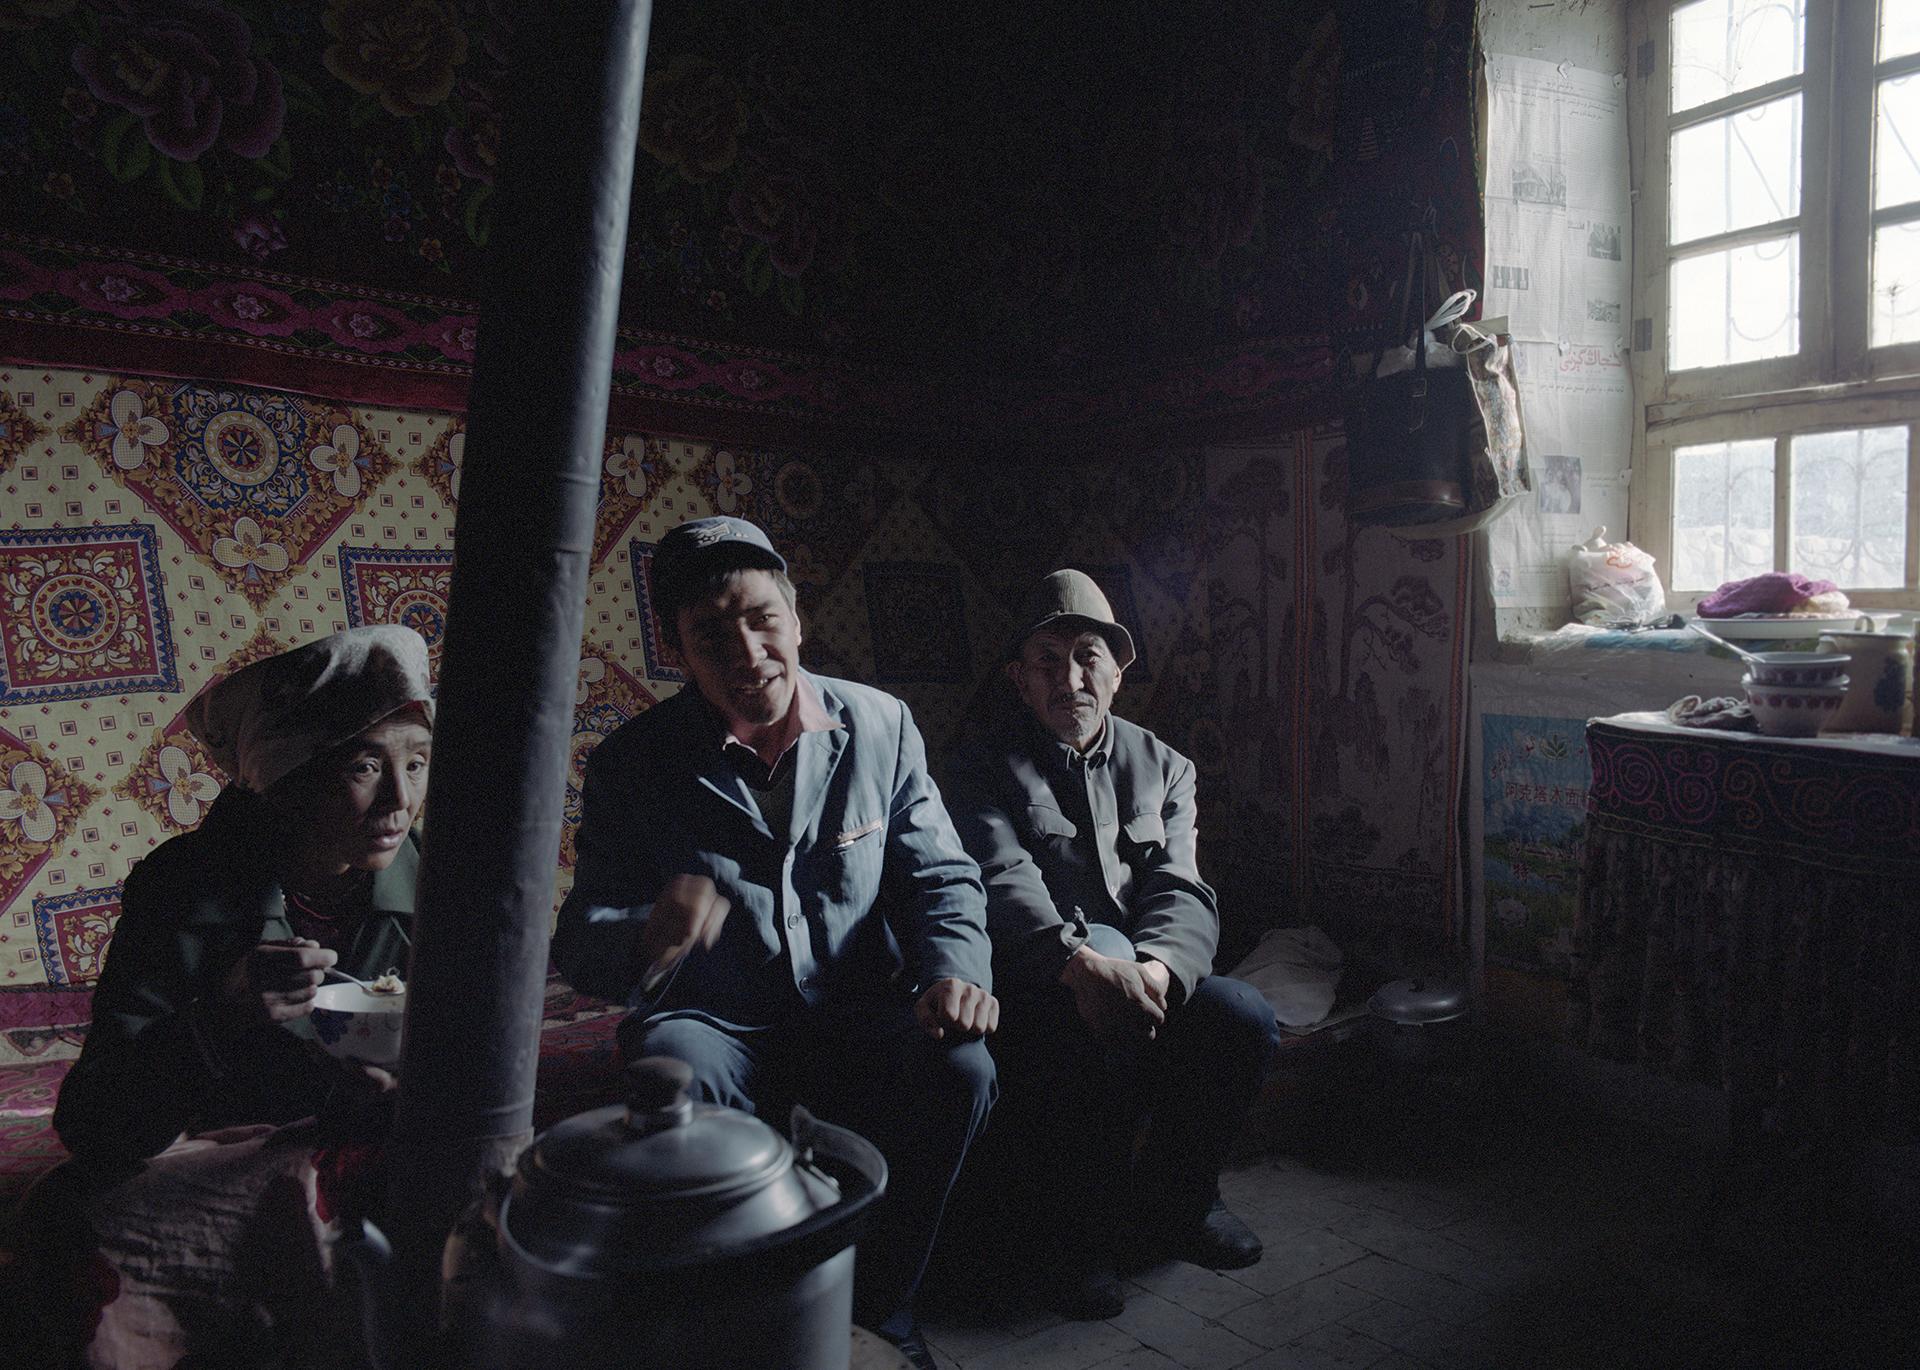 2007 Xinjiang -village family at breakfast.